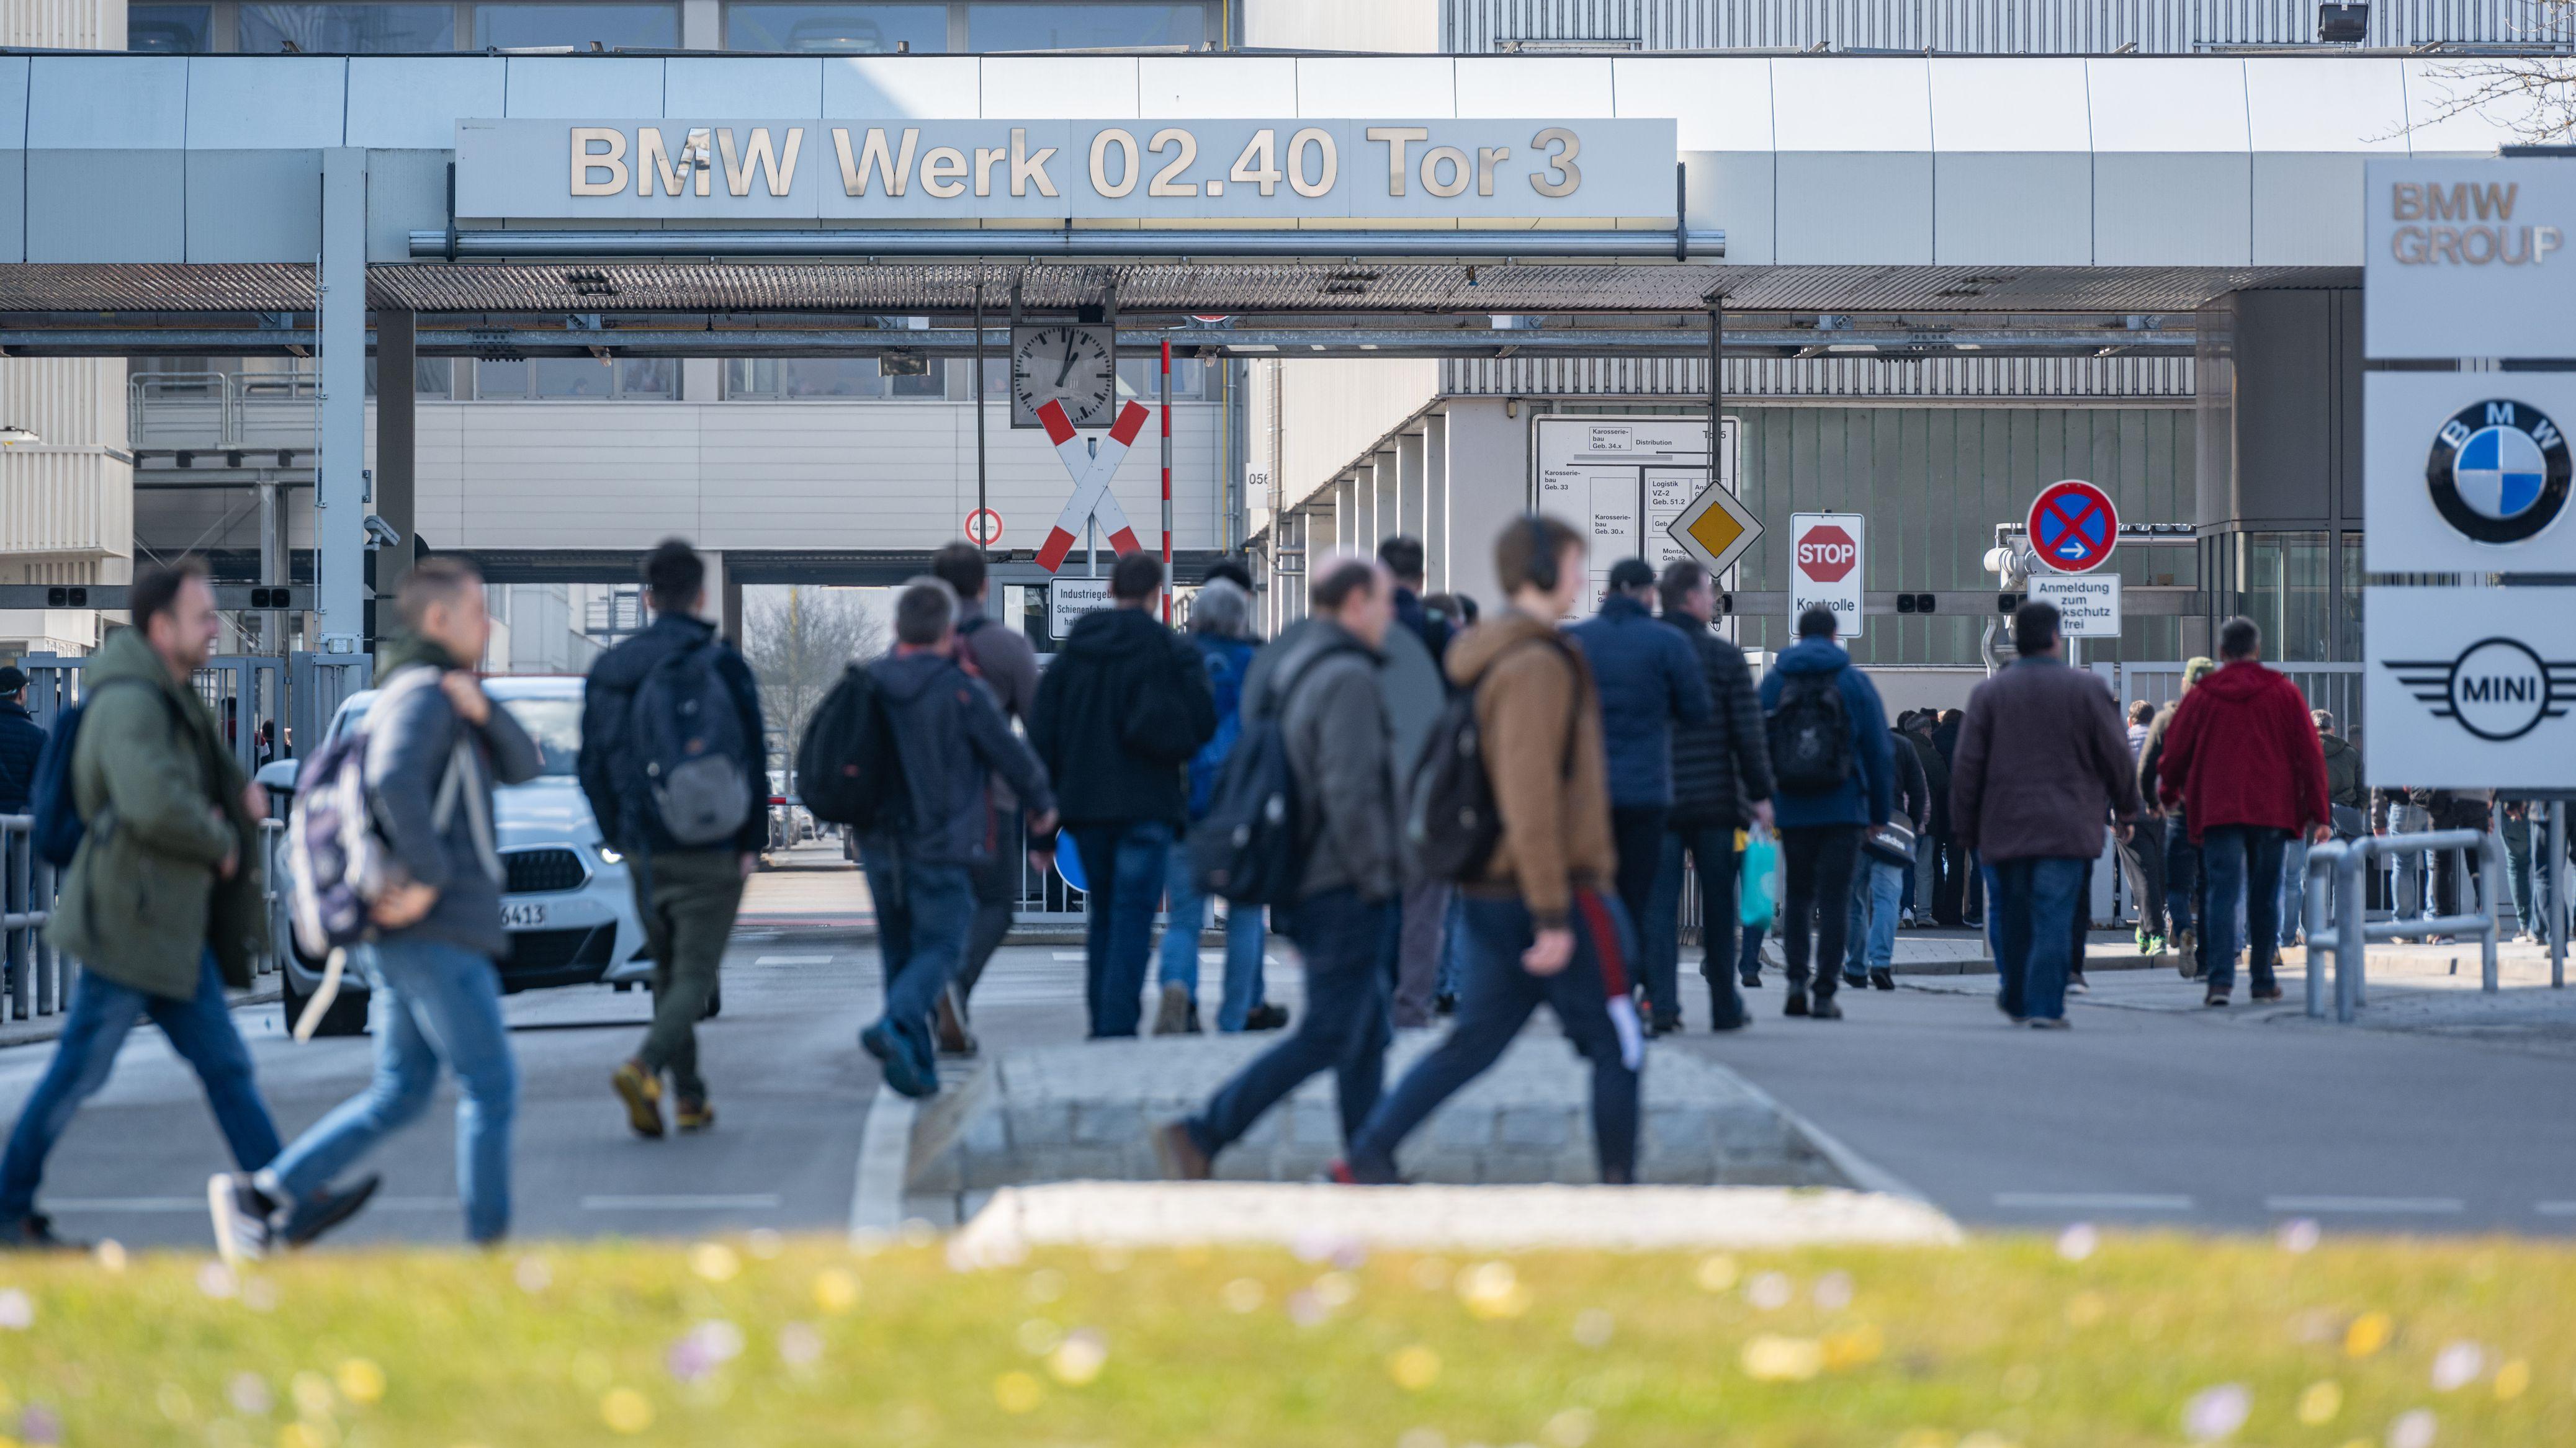 Schichtwechsel im BMW-Werk. BMW kündigt Reduktion der Arbeitskräfte an.